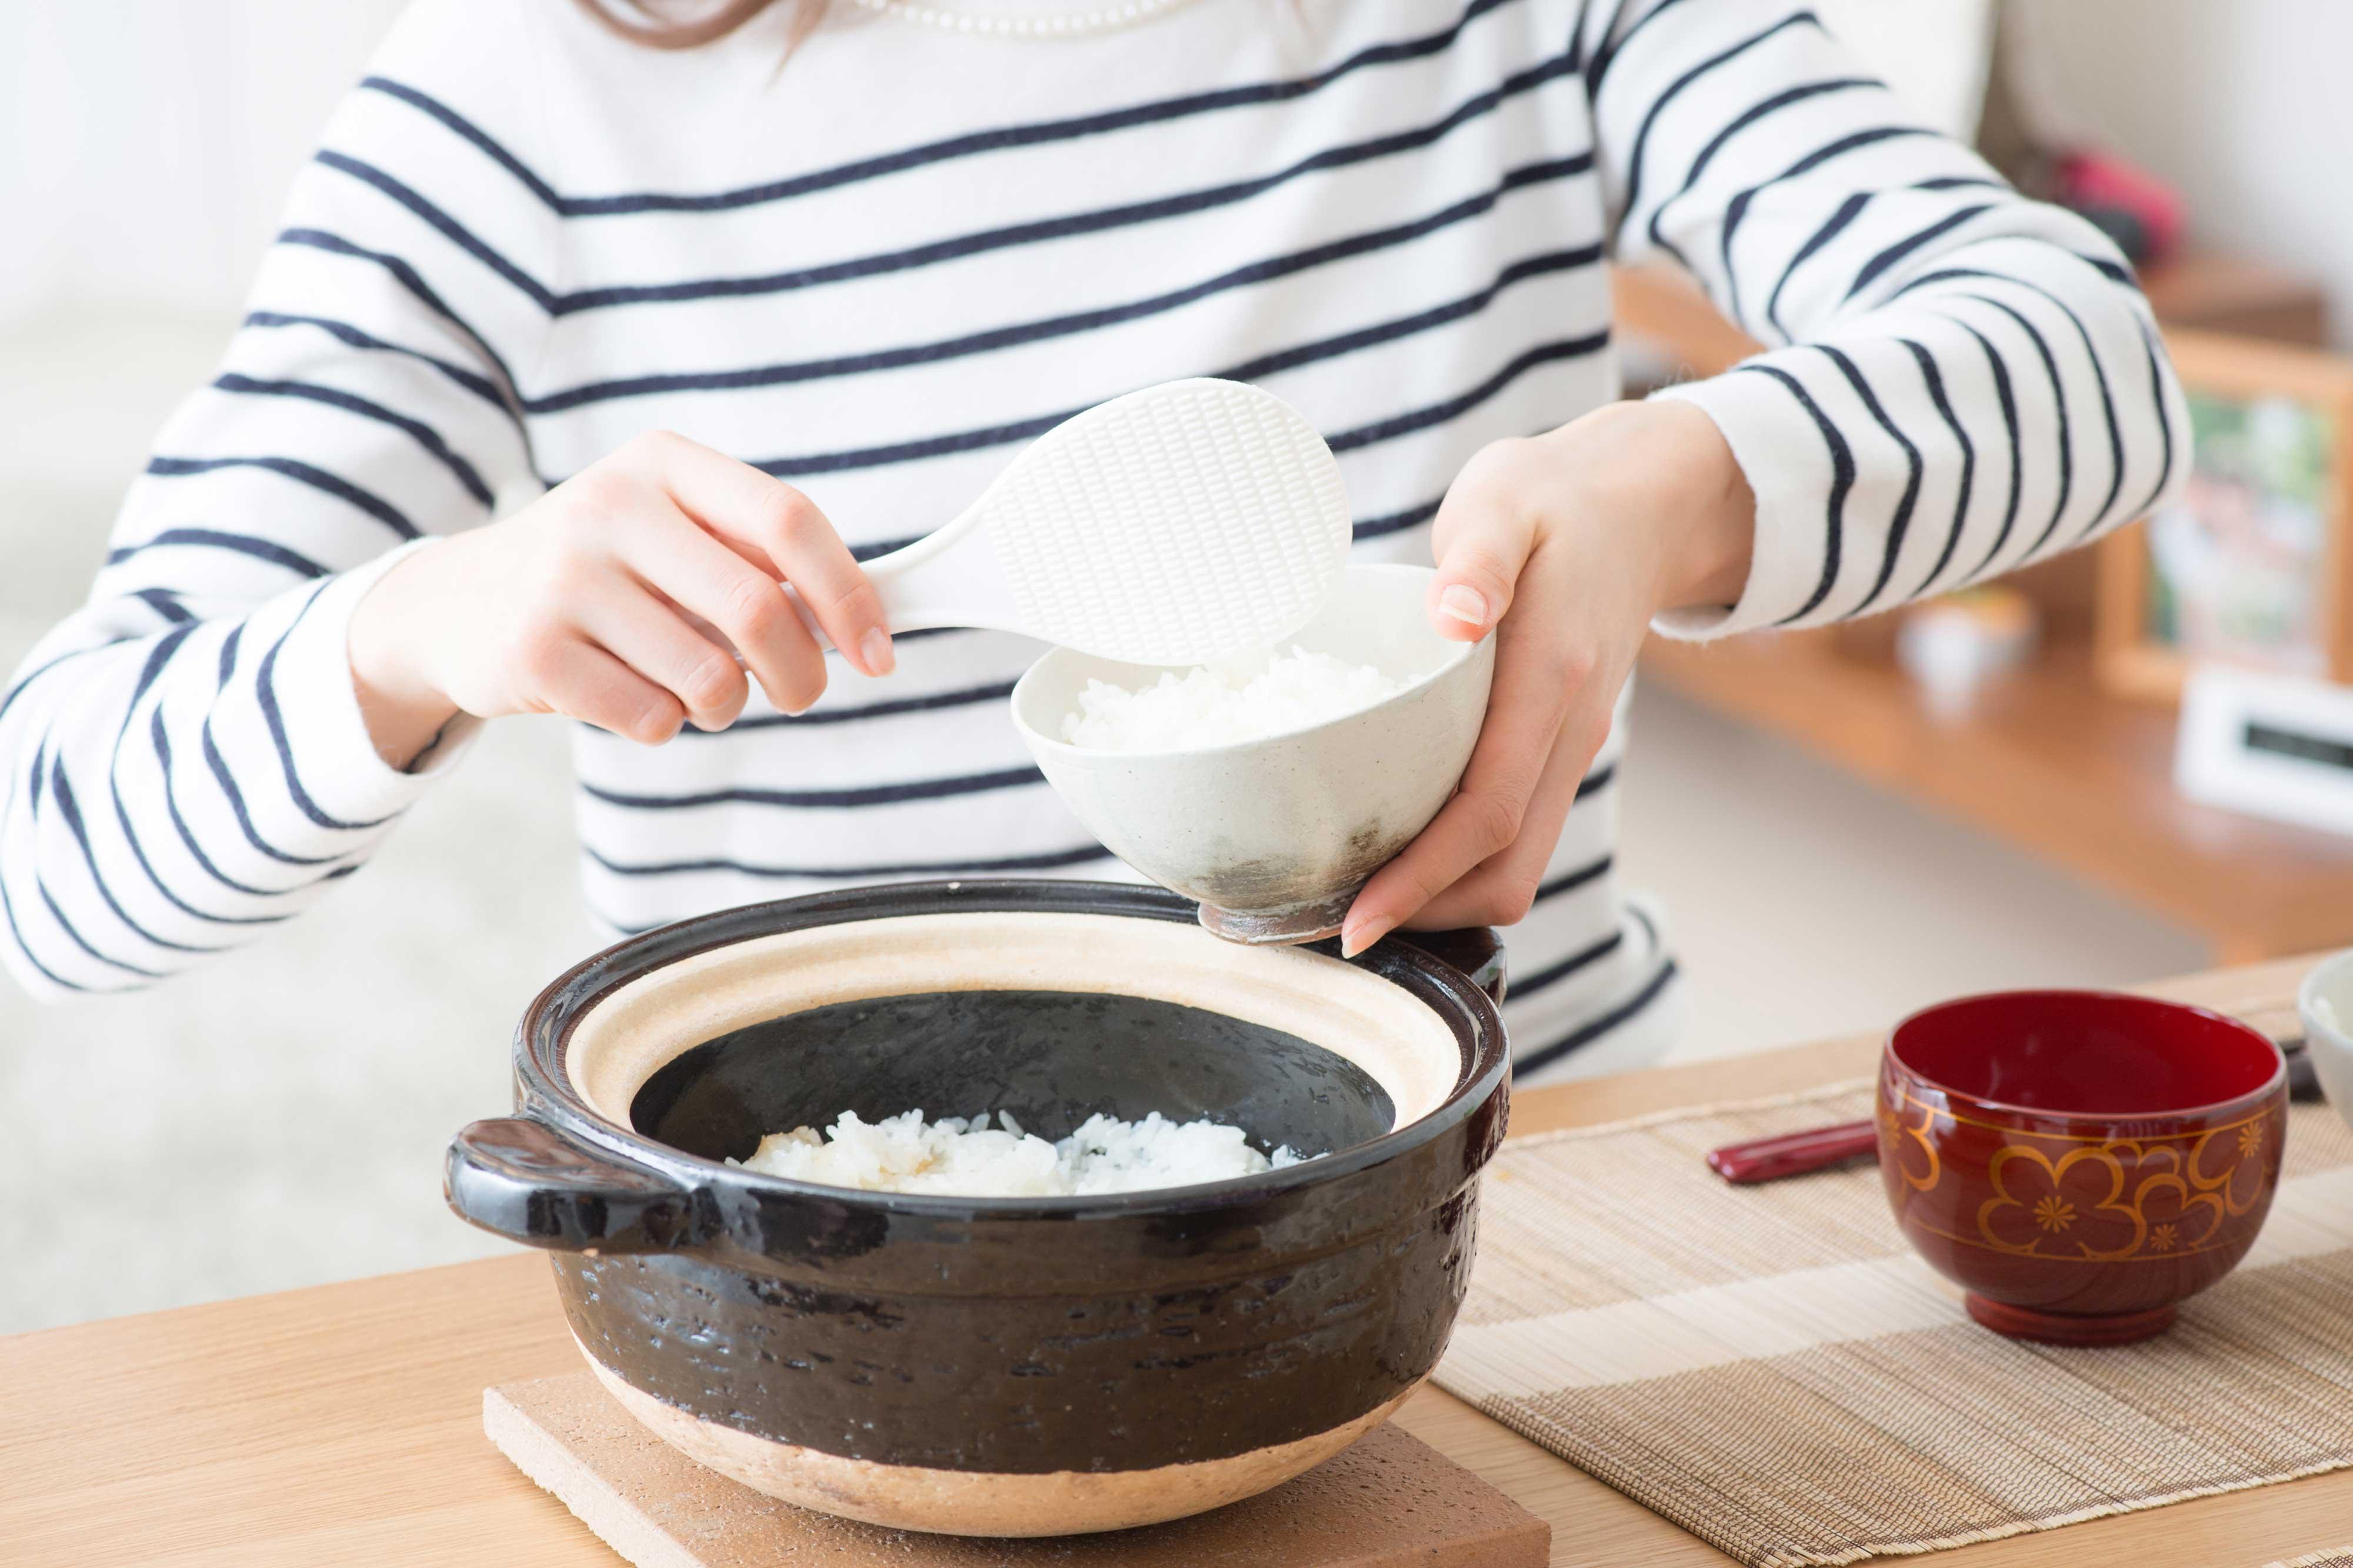 ひとつは持っておきたい。万能でおいしい「土鍋」の魅力